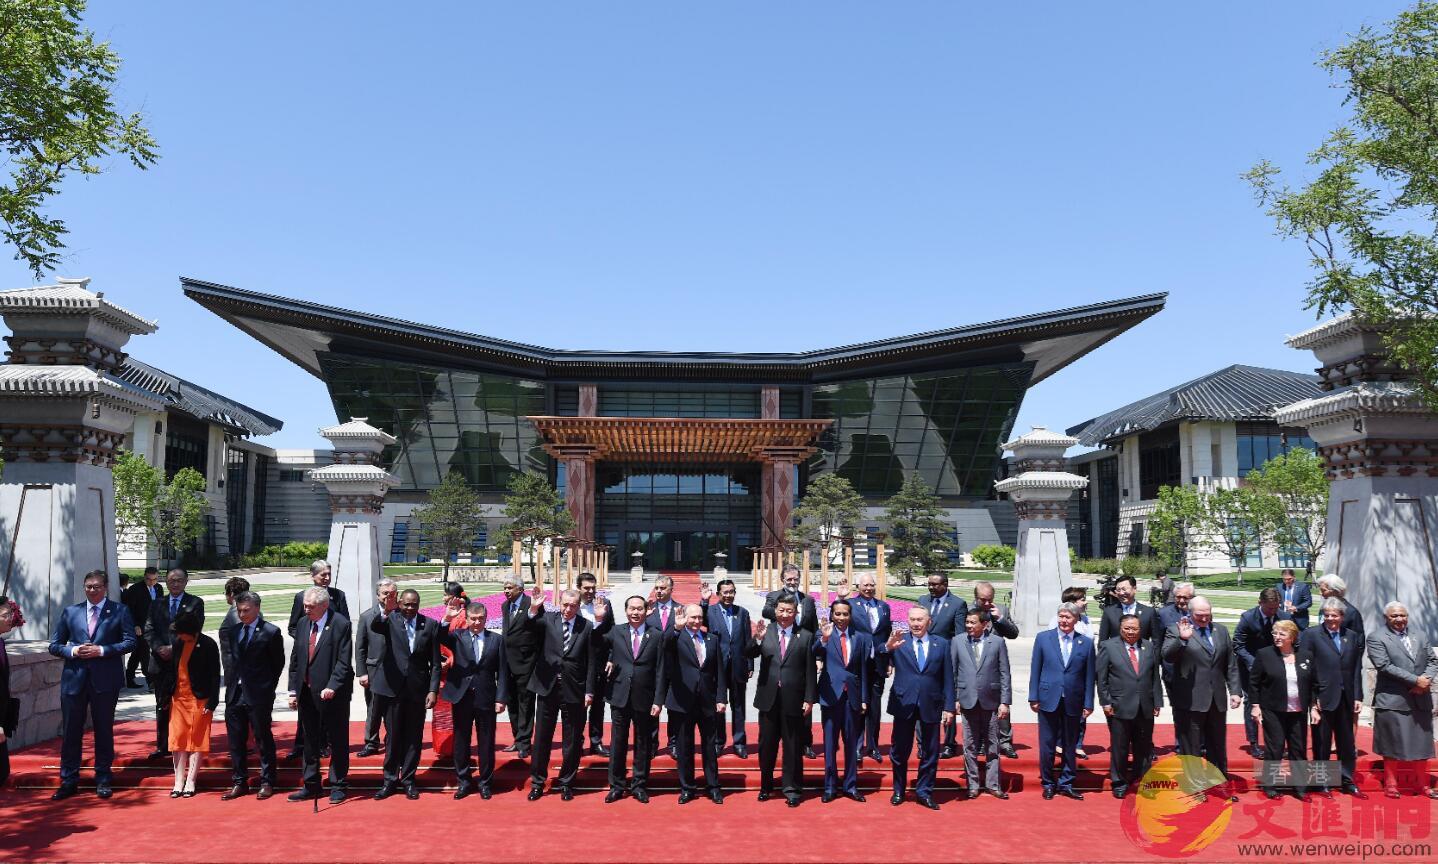 2017年5月15日,「一帶一路」國際合作高峰論壇在北京雁棲湖國際會議中心舉行圓桌峰會,中國國家主席習近平同與會領導人和國際組織負責人集體合影。